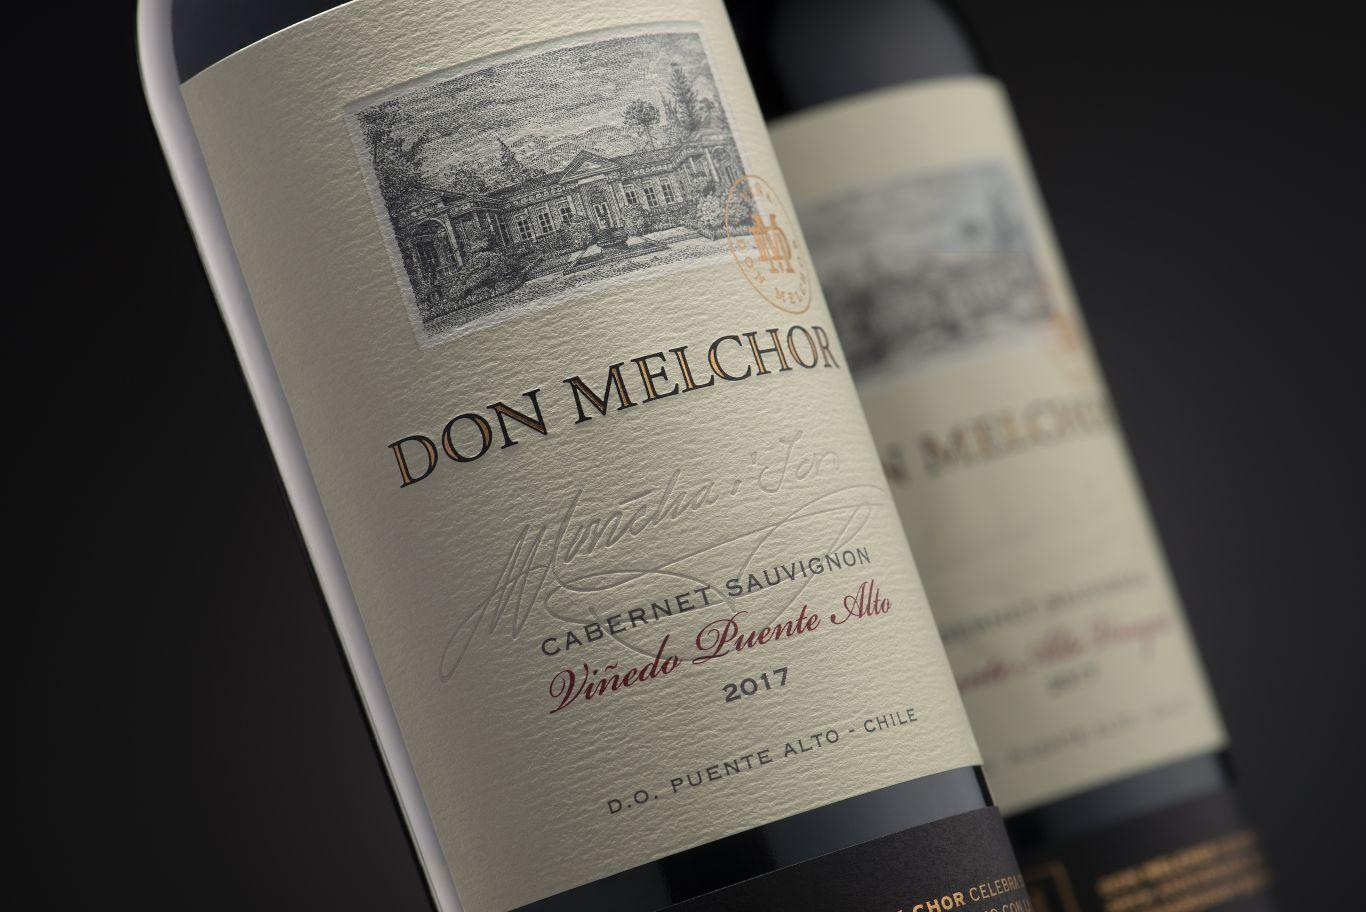 Rótulos de duas garrafas de vinho da marca Don Melchor